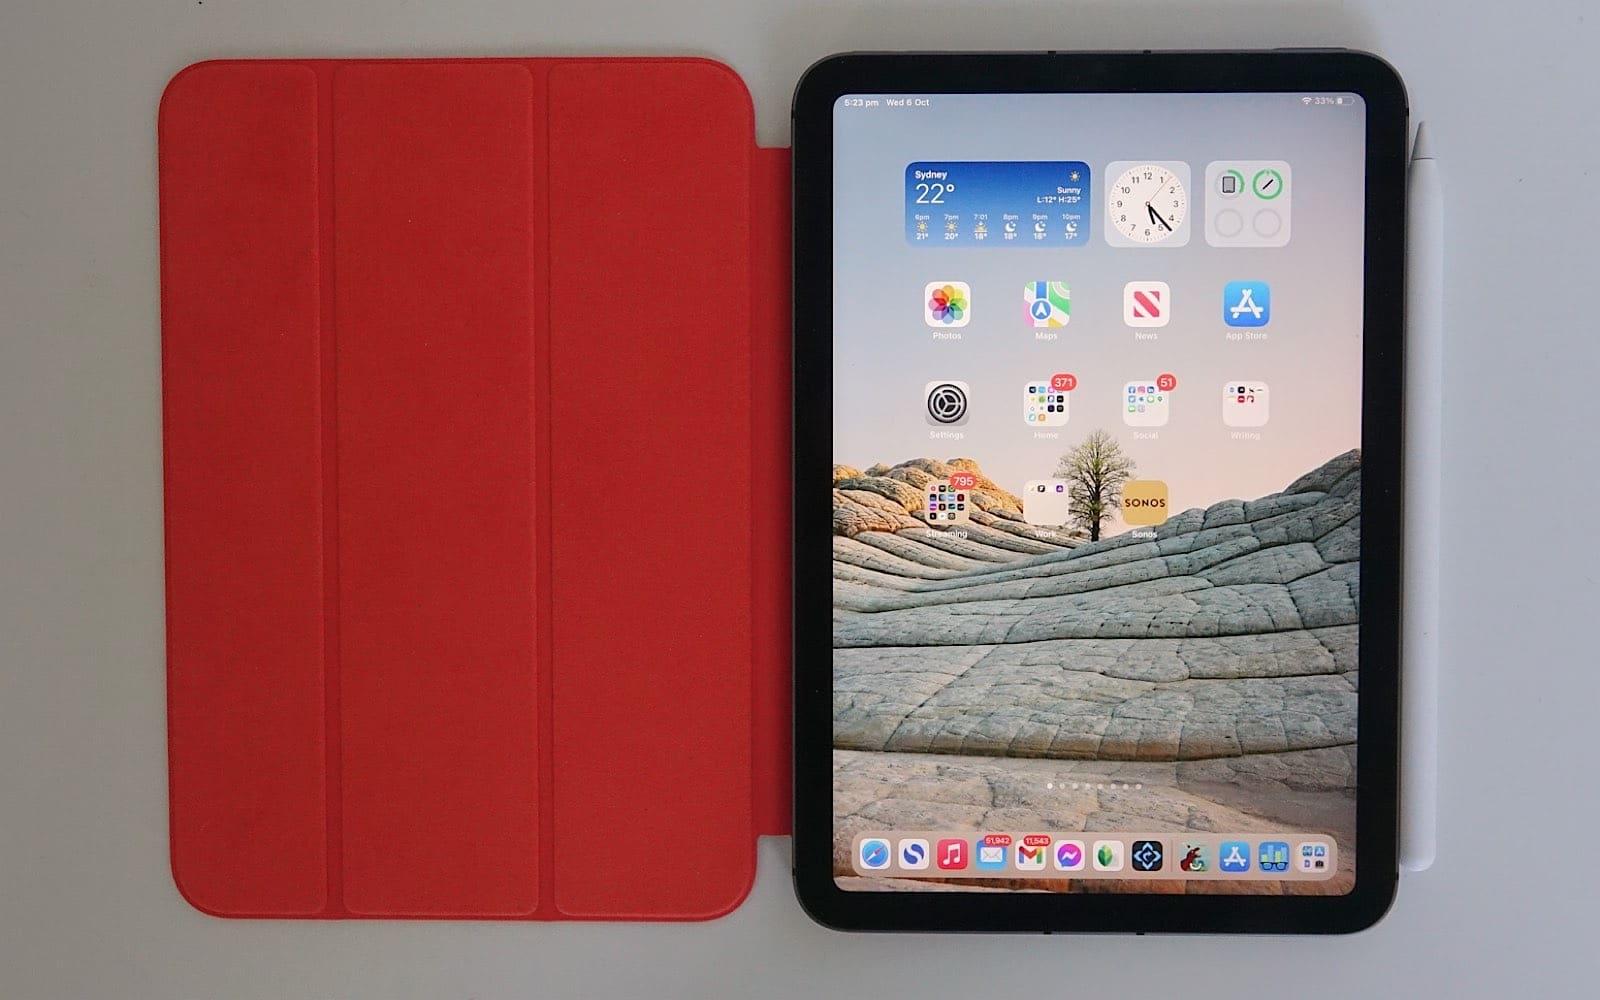 2021 Apple iPad Mini reviewed